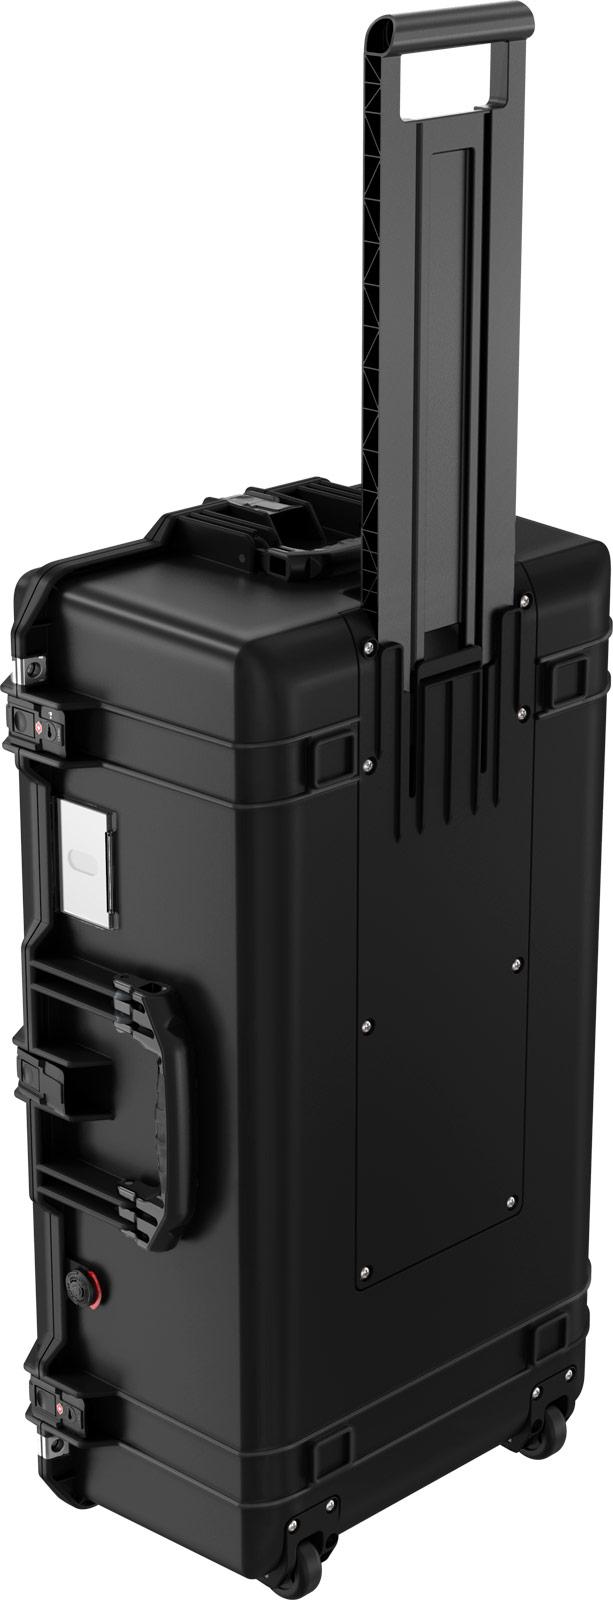 peli 1615 tsa luggage case